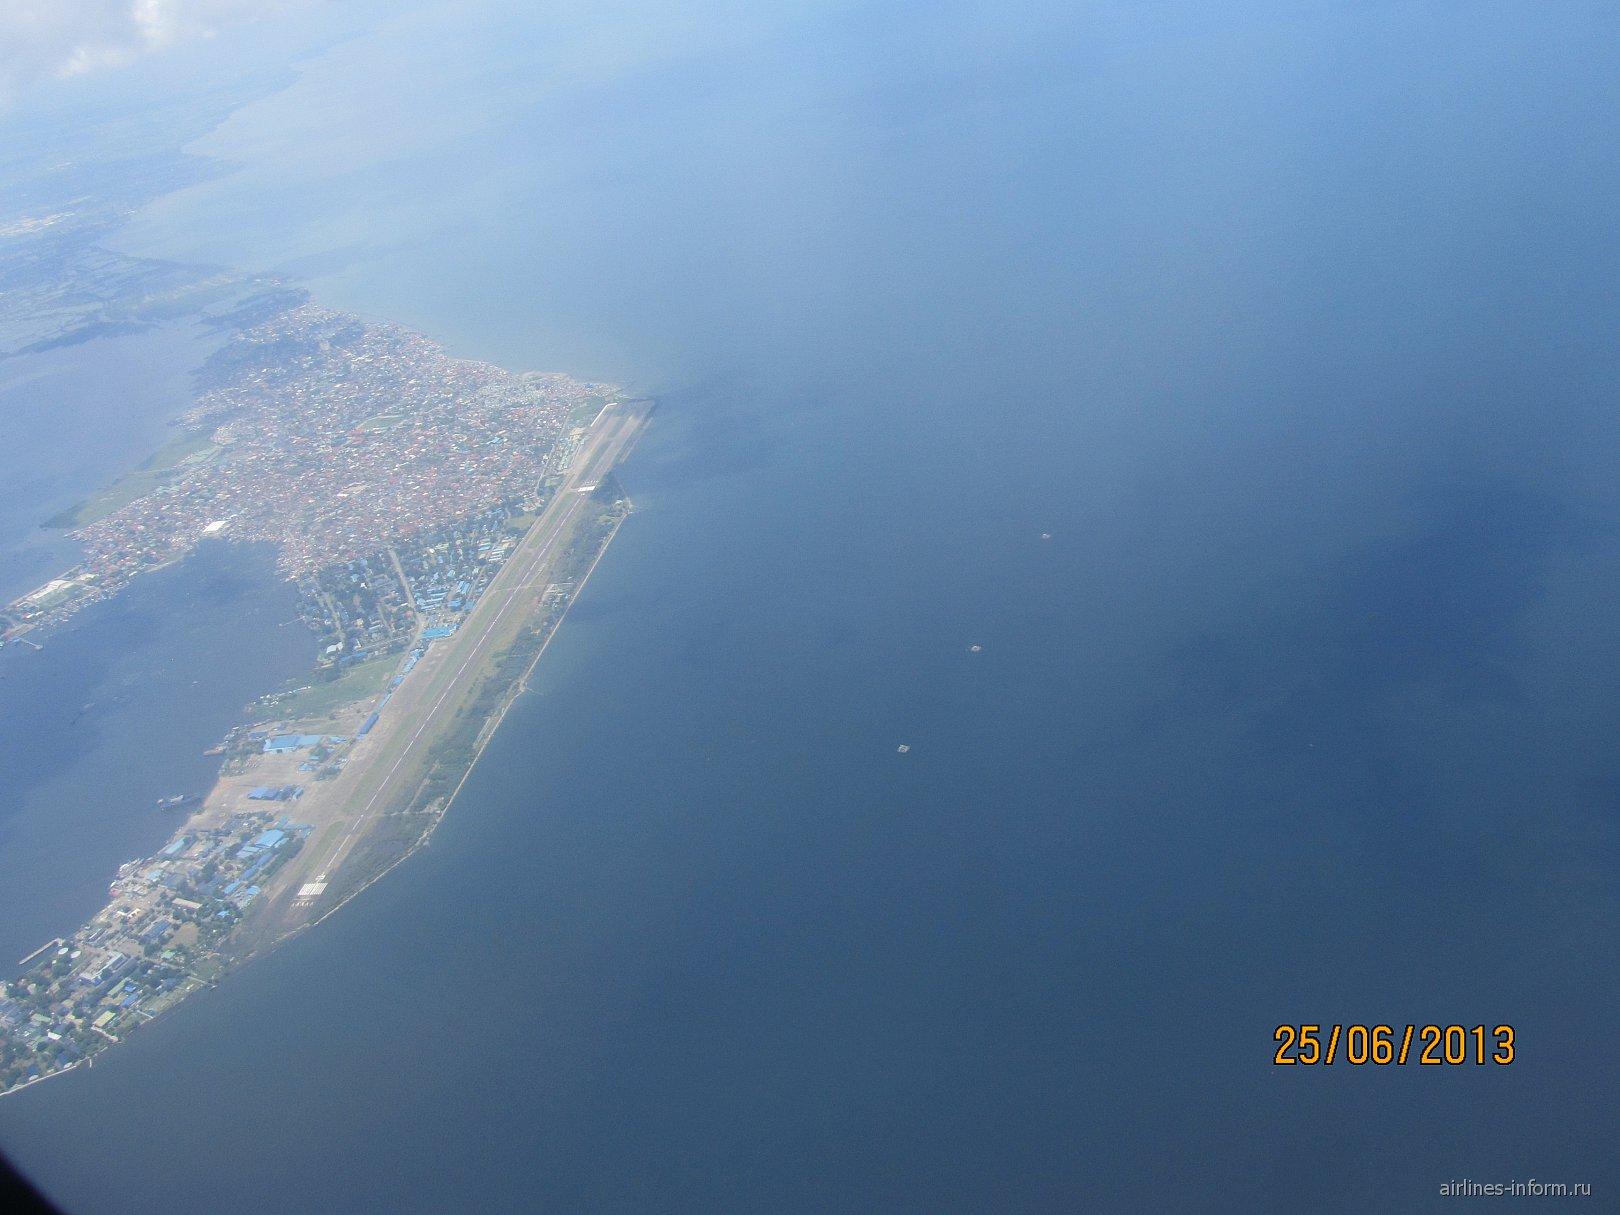 Перелет над Филиппинами из Манилы в Катиклан